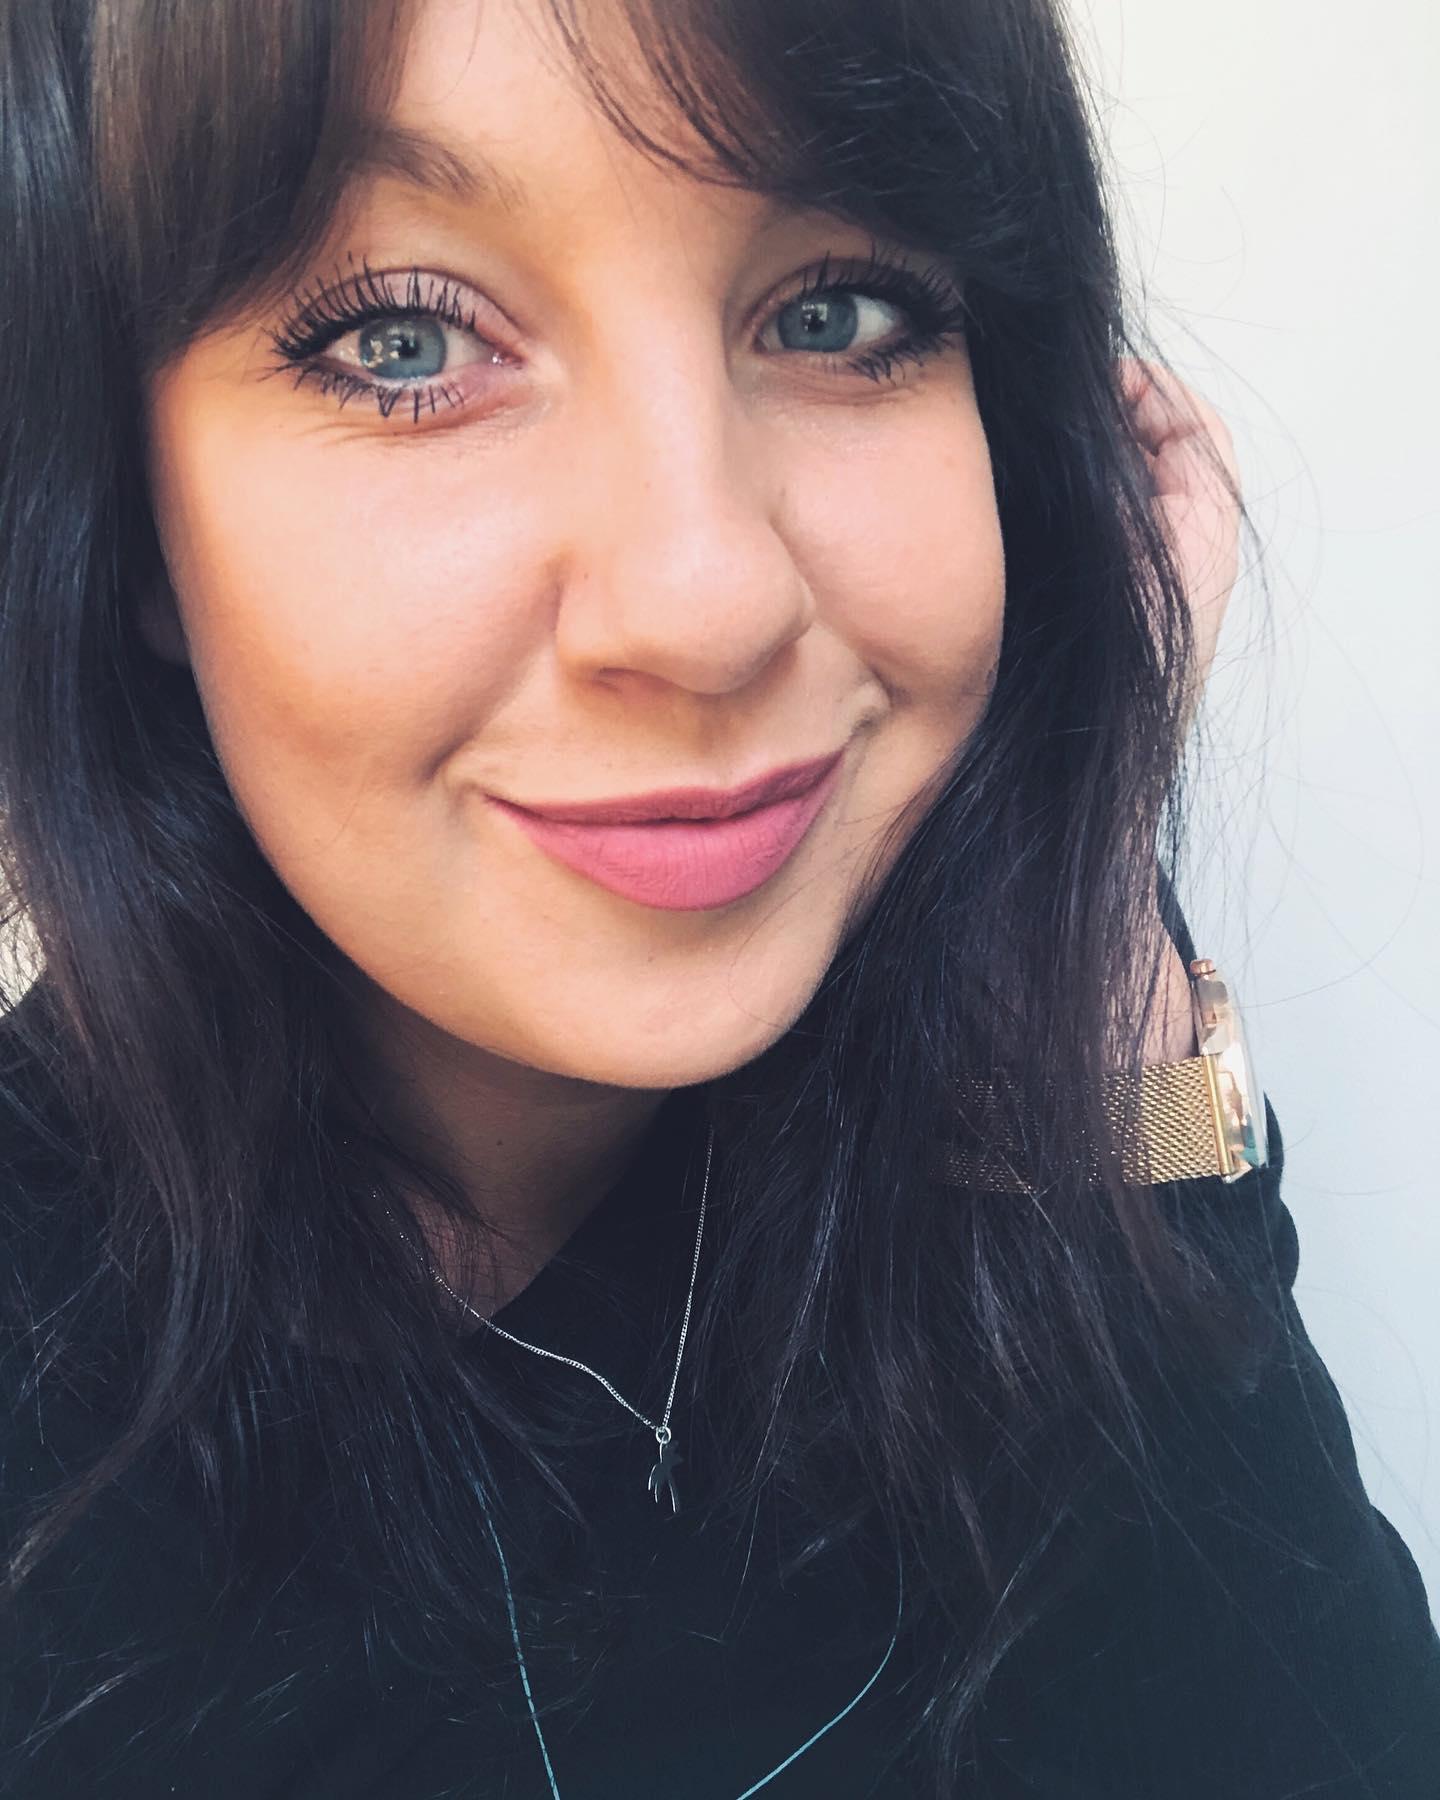 Kamila Surma